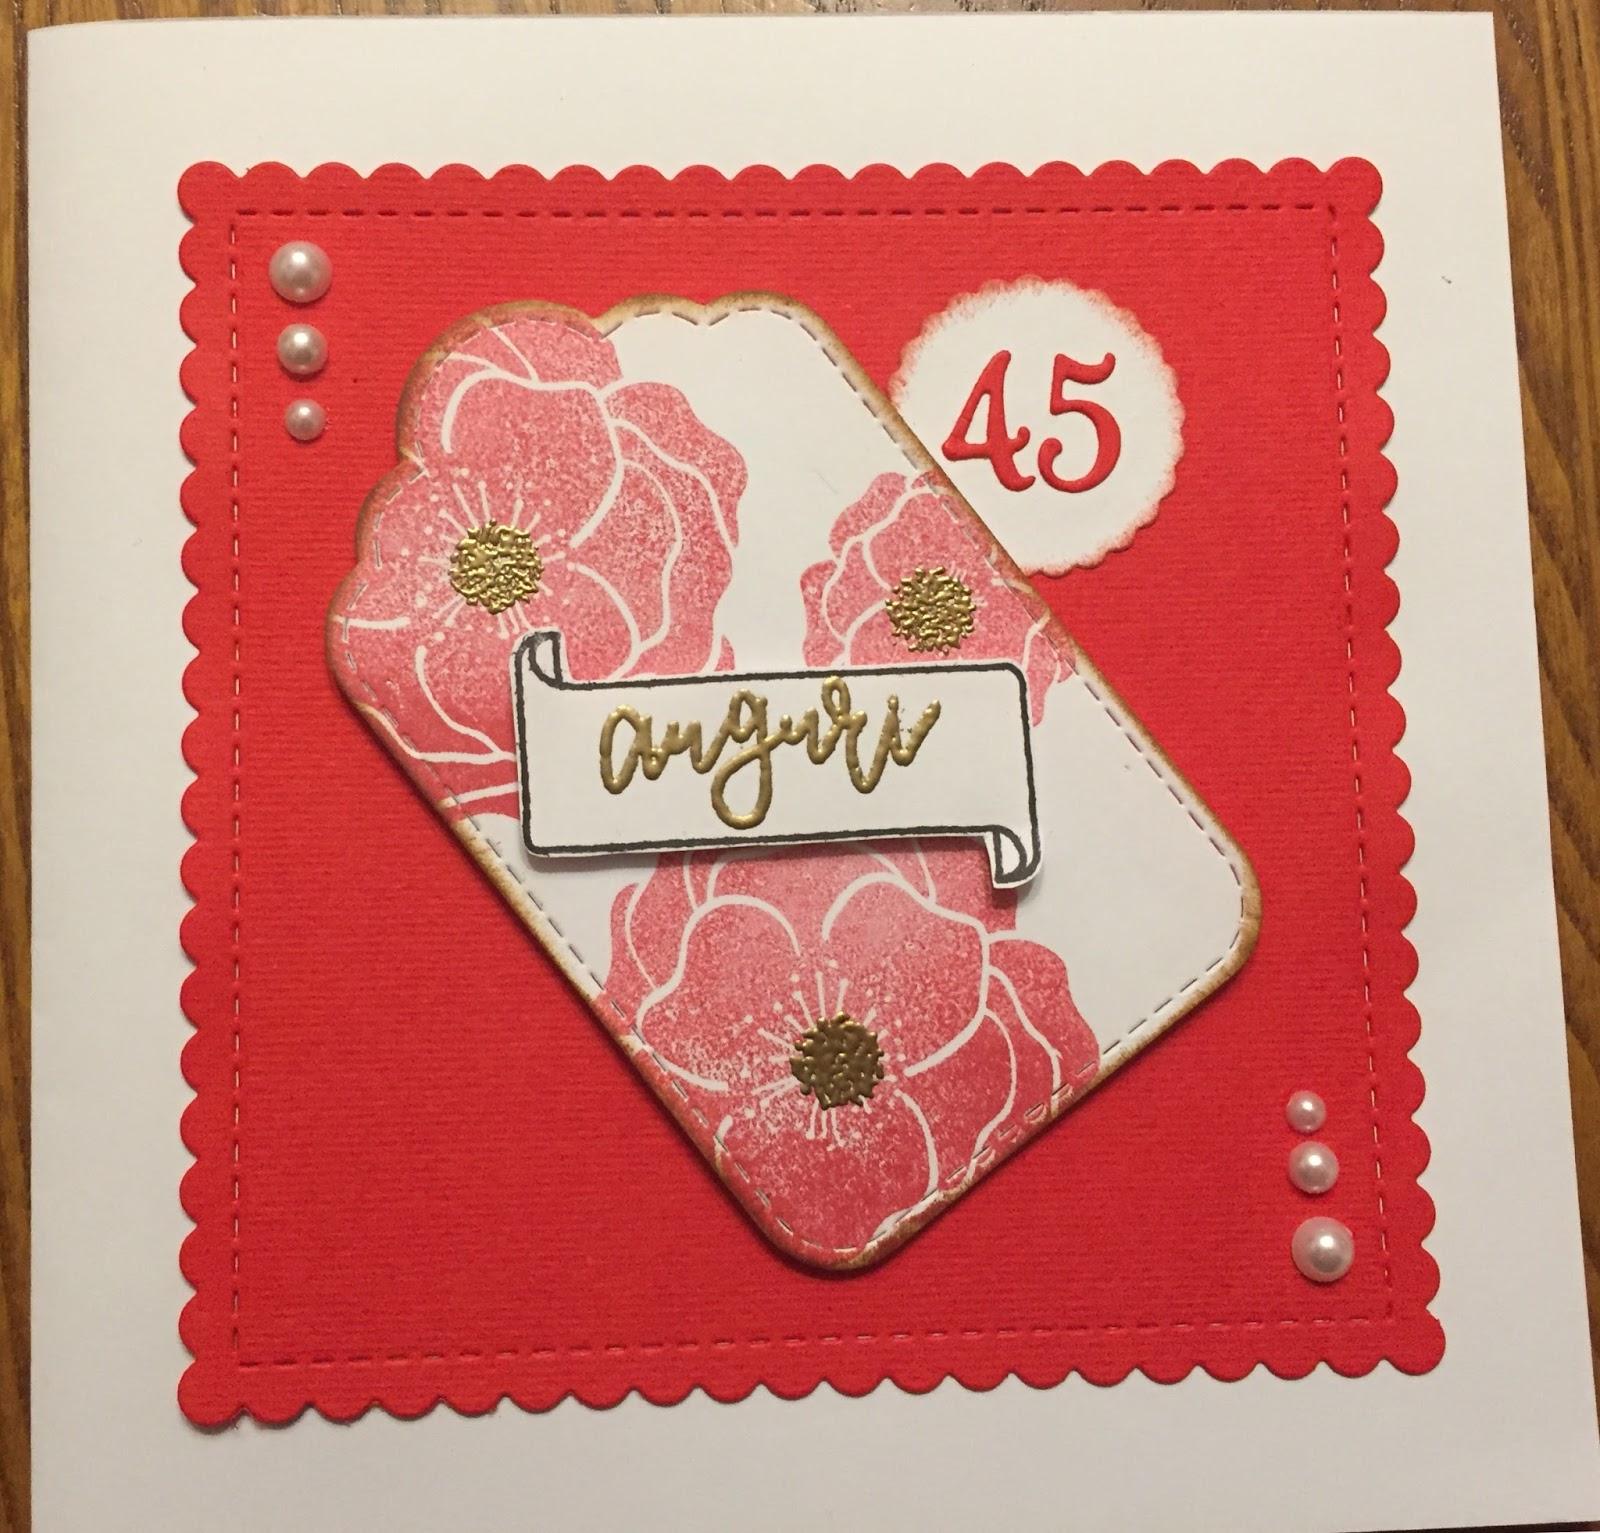 Anniversario Matrimonio 45 Anni.La Stanza Di Ely 45 Anni Di Matrimonio